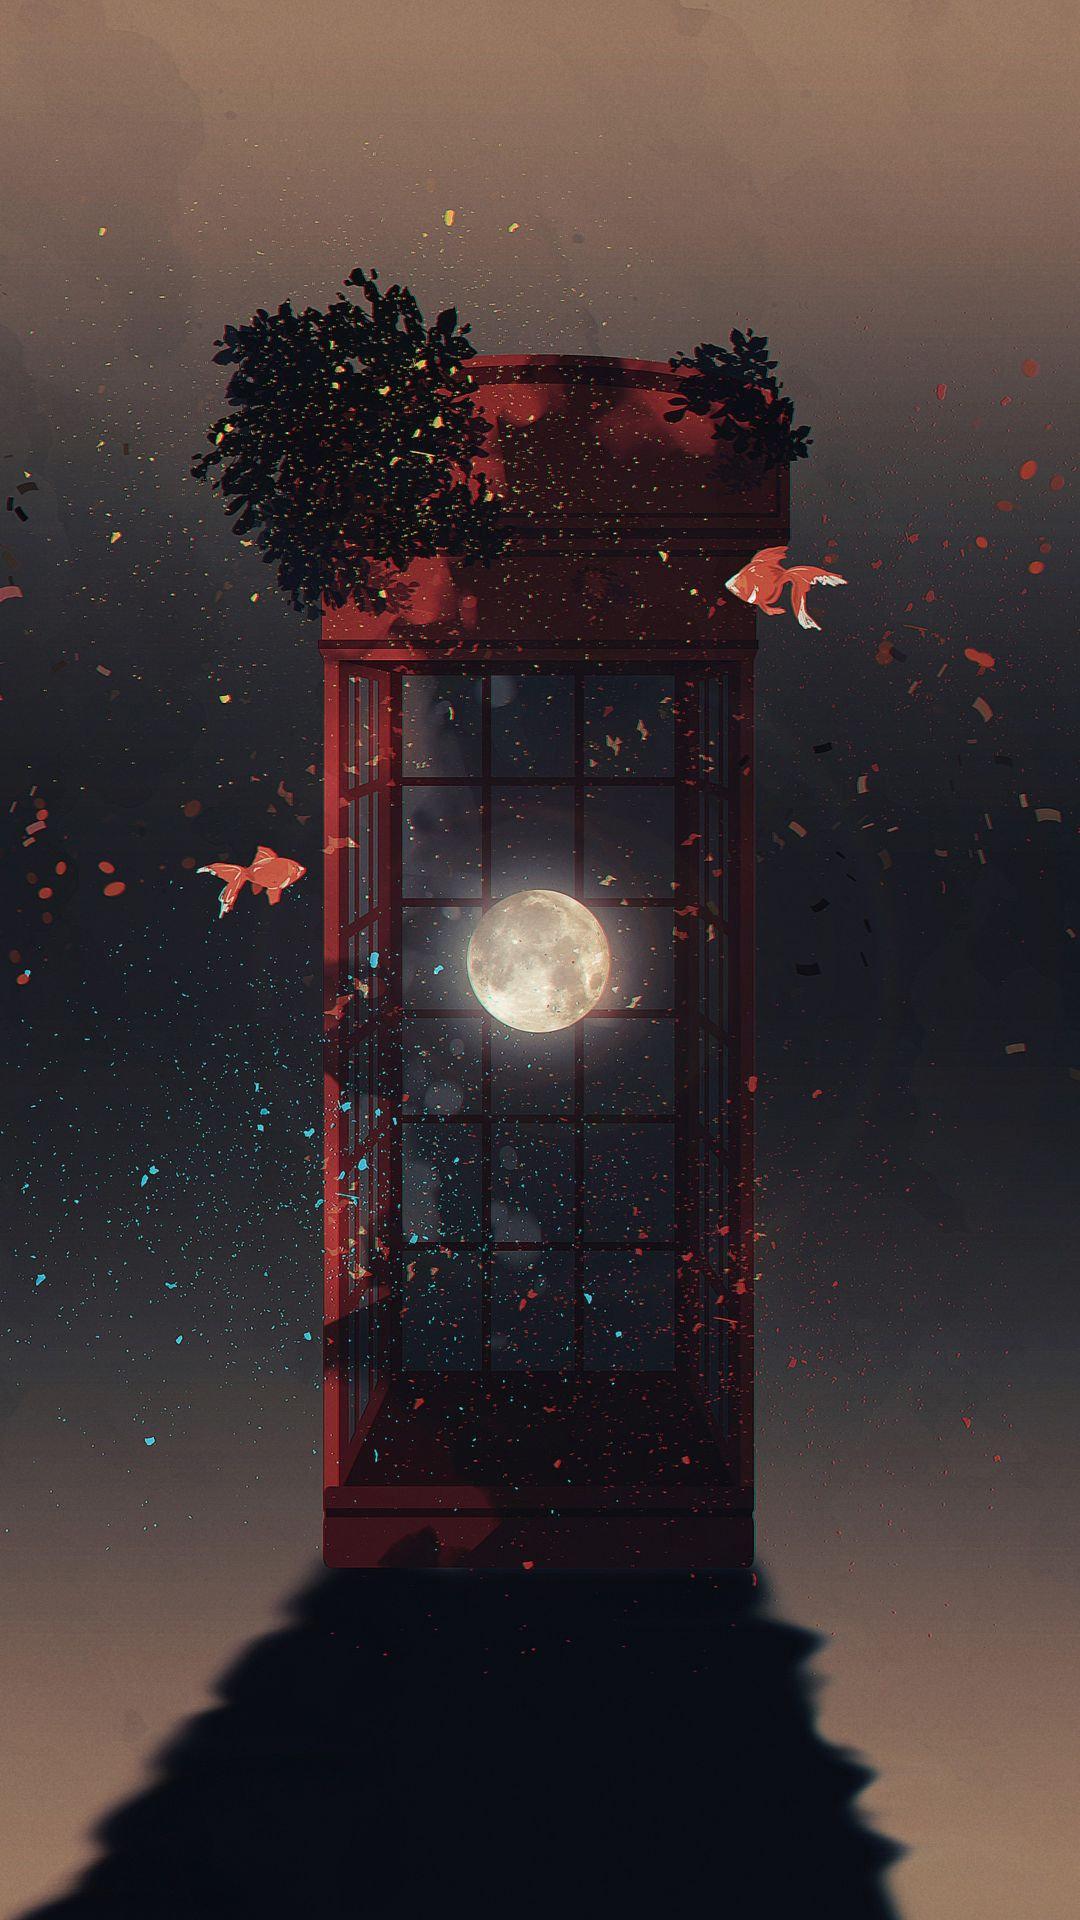 情感语录-江上春风停入梦,严岸忽见峫落雨...